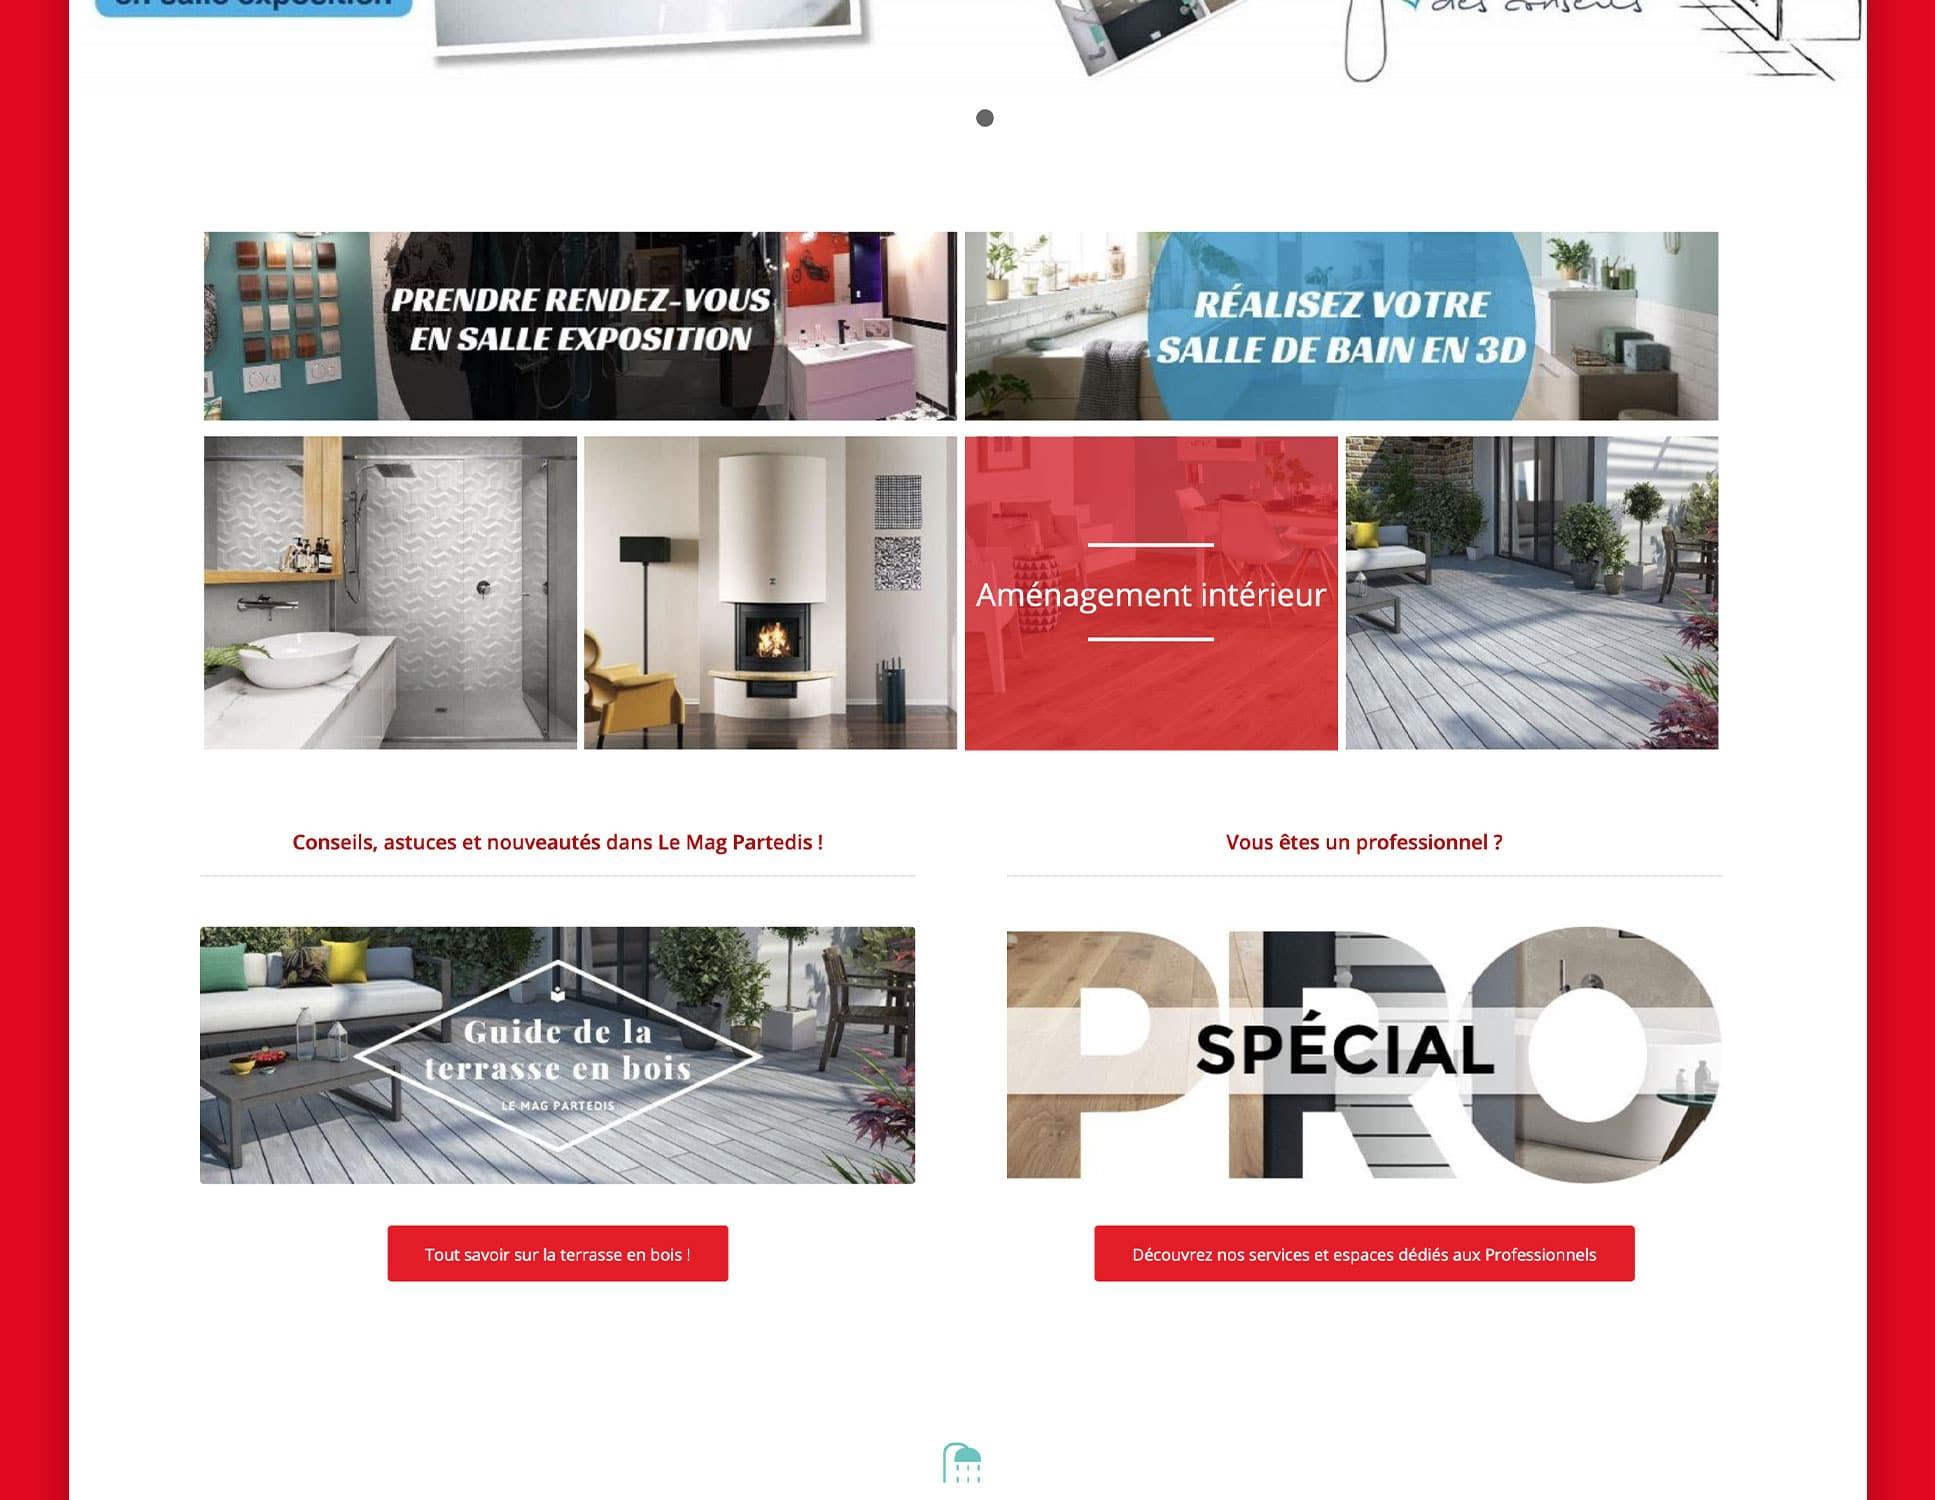 Partedis : refonte complète du site par Webperfect